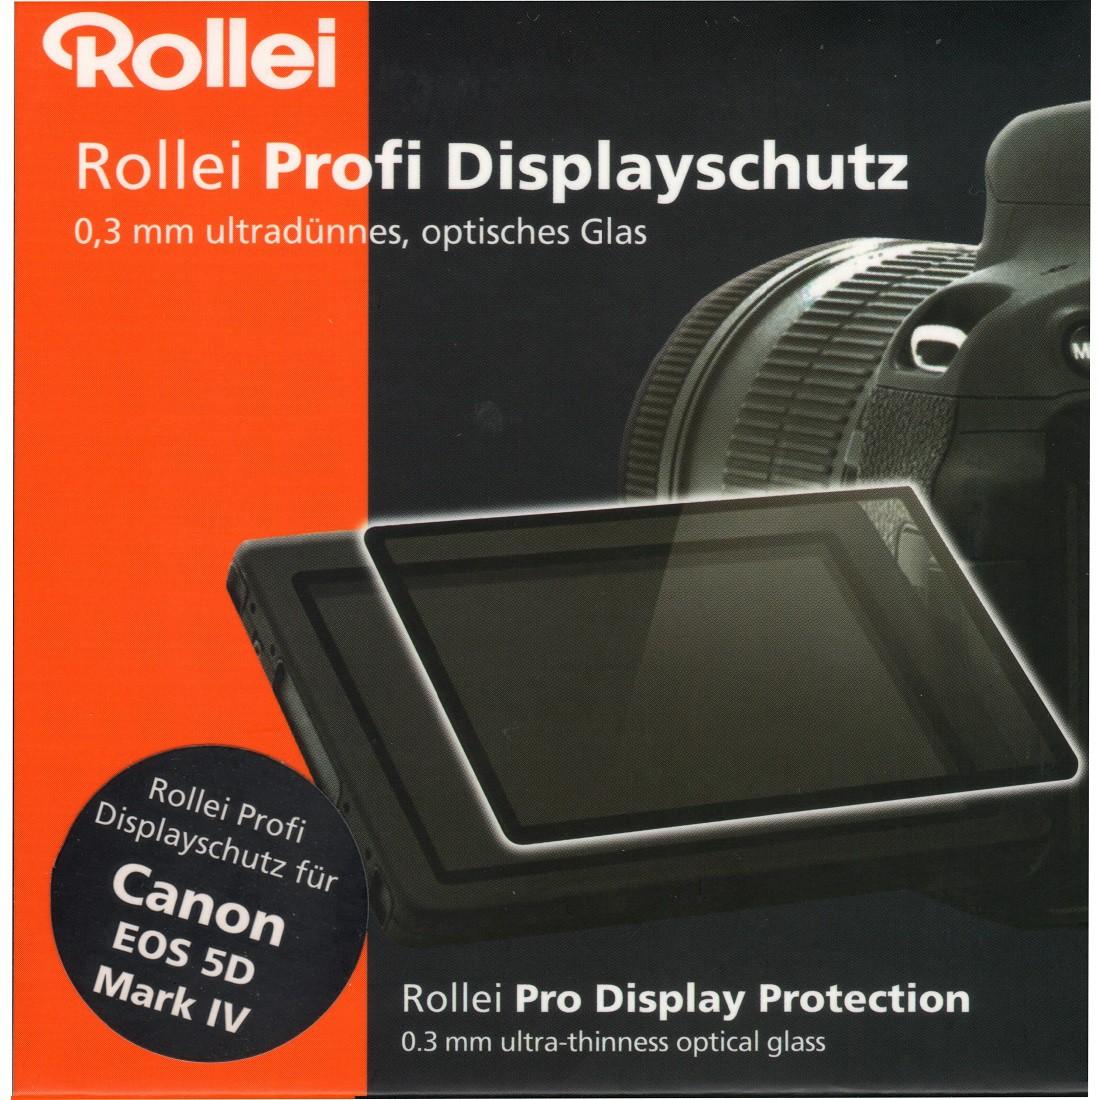 Rollei Displayschutz für Canon 5D IV